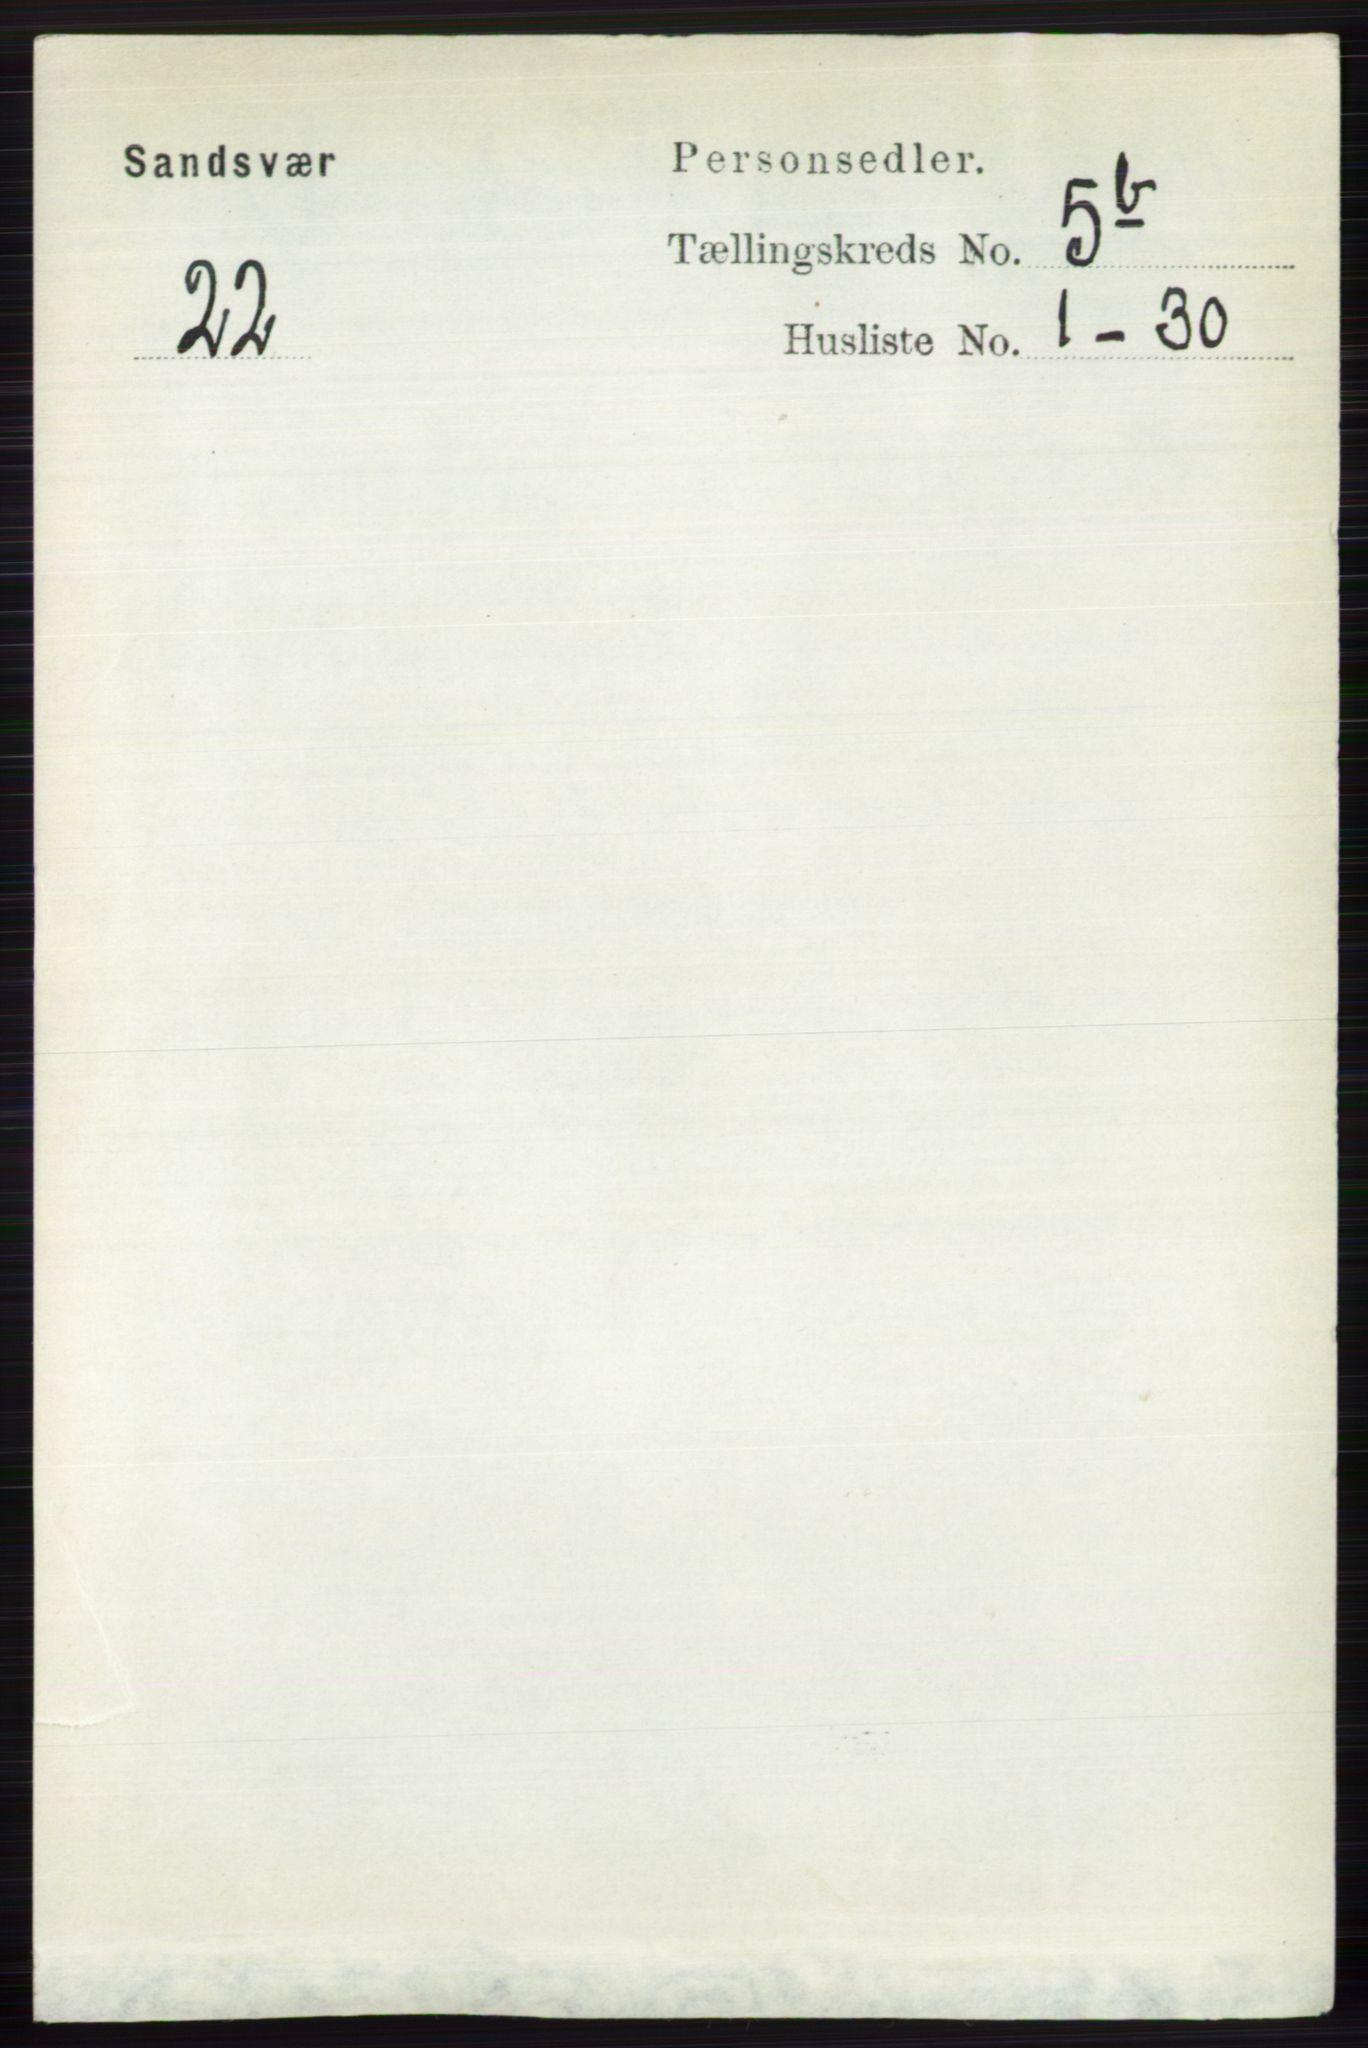 RA, Folketelling 1891 for 0629 Sandsvær herred, 1891, s. 2789